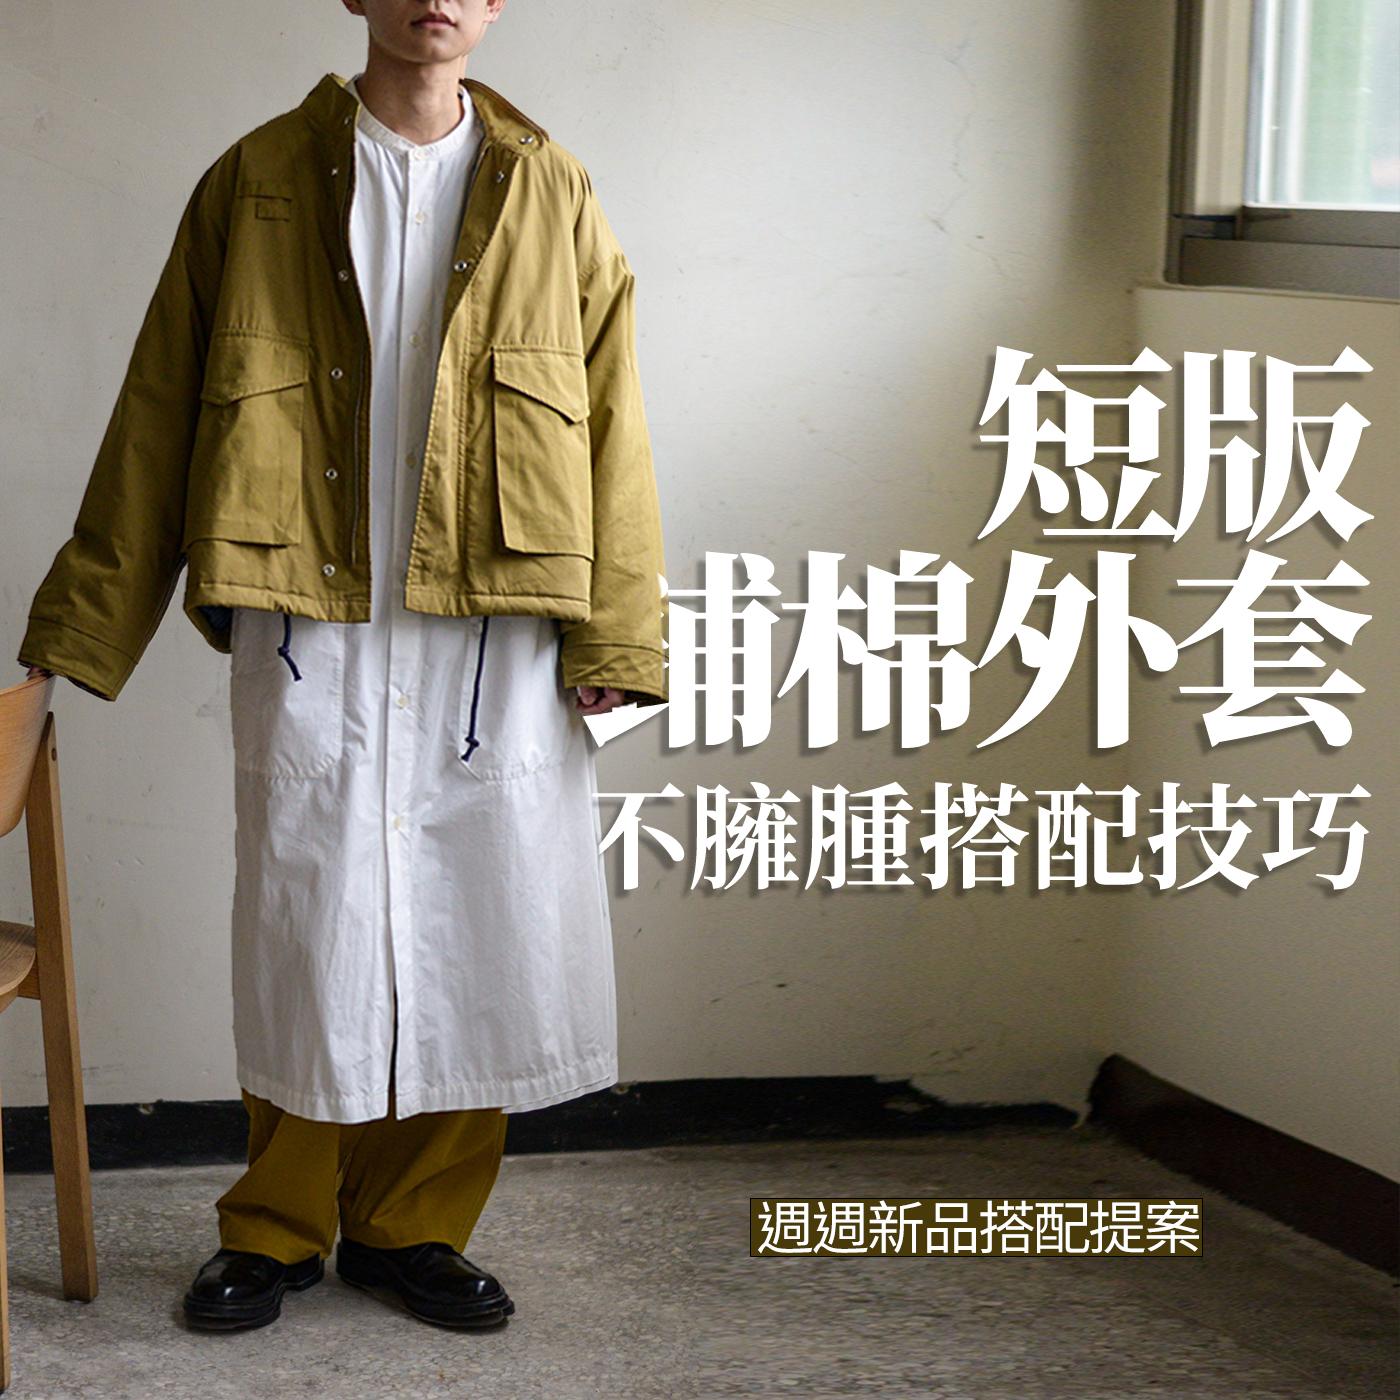 鋪棉外套,鋪棉外套男,鋪棉外套穿搭,男外套,男外套 穿搭,女外套,女外套 穿搭,羽絨外套,羽絨外套穿搭